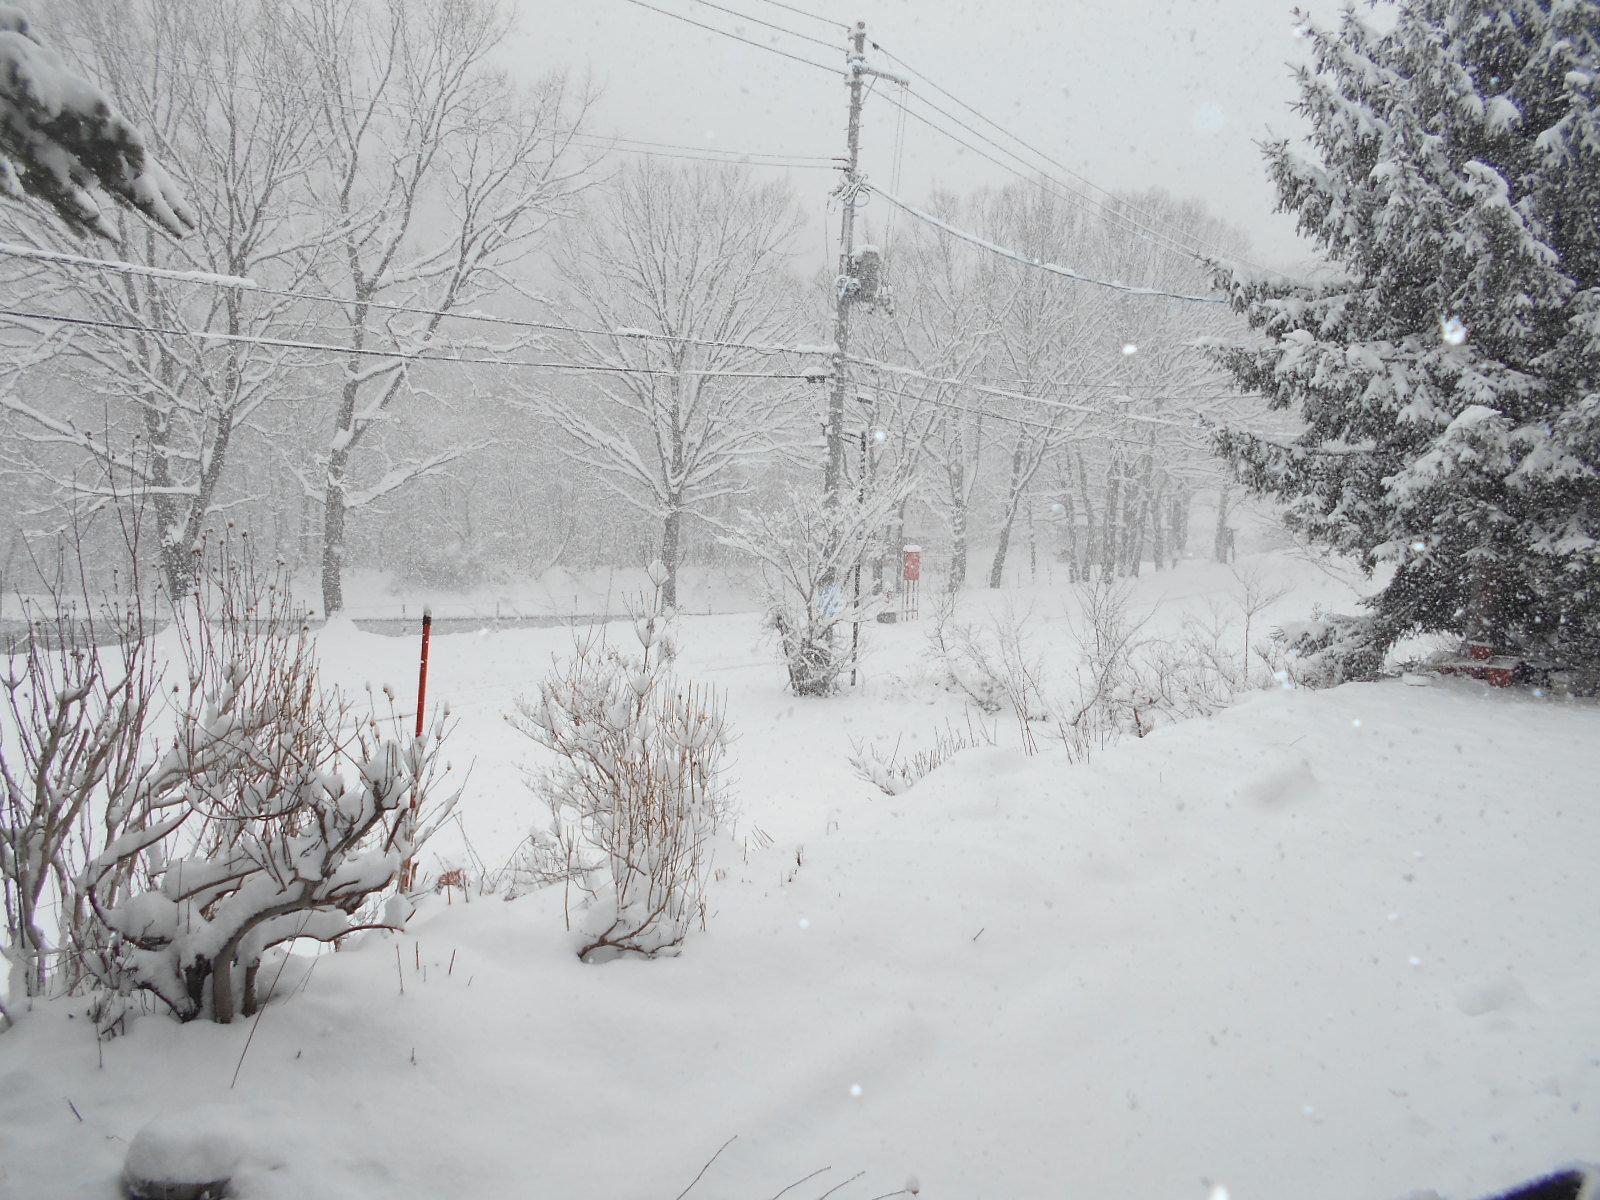 4月6日 月曜日 大雪 0度_f0210811_09062675.jpg